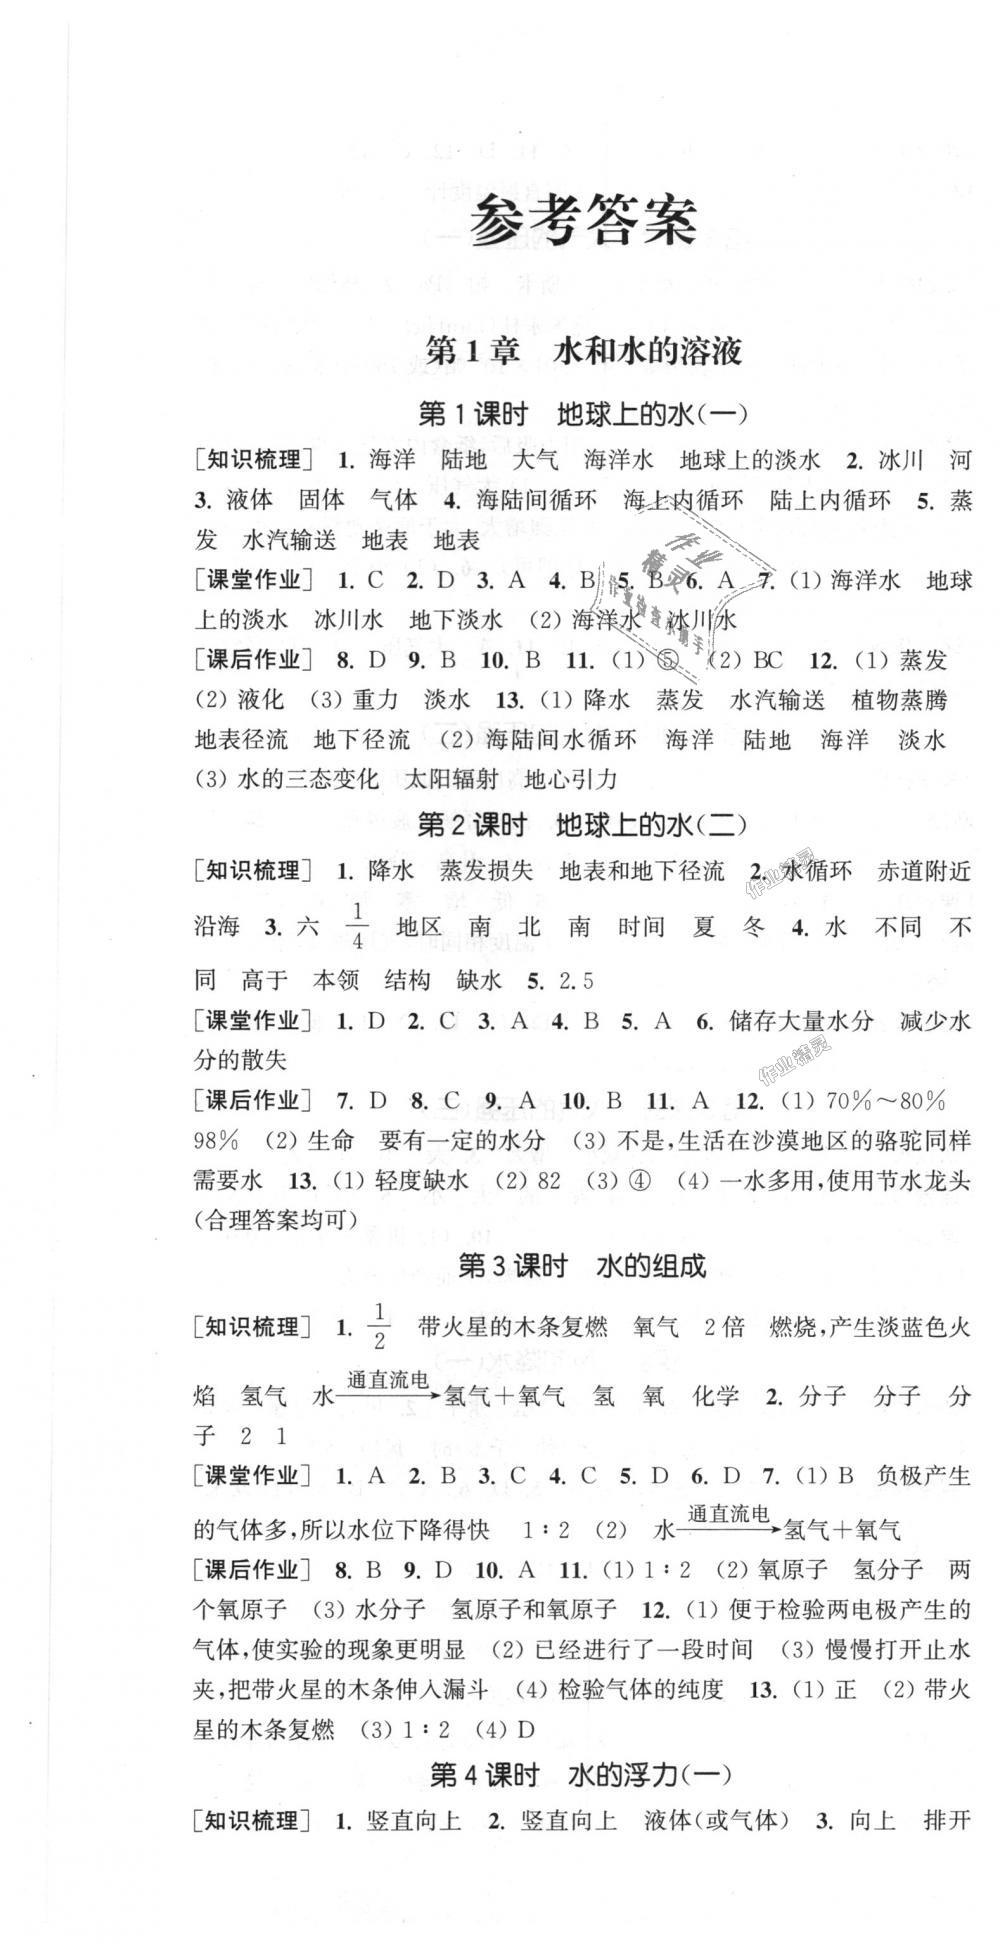 2018年通城学典课时作业本八年级科学上册浙教版第1页